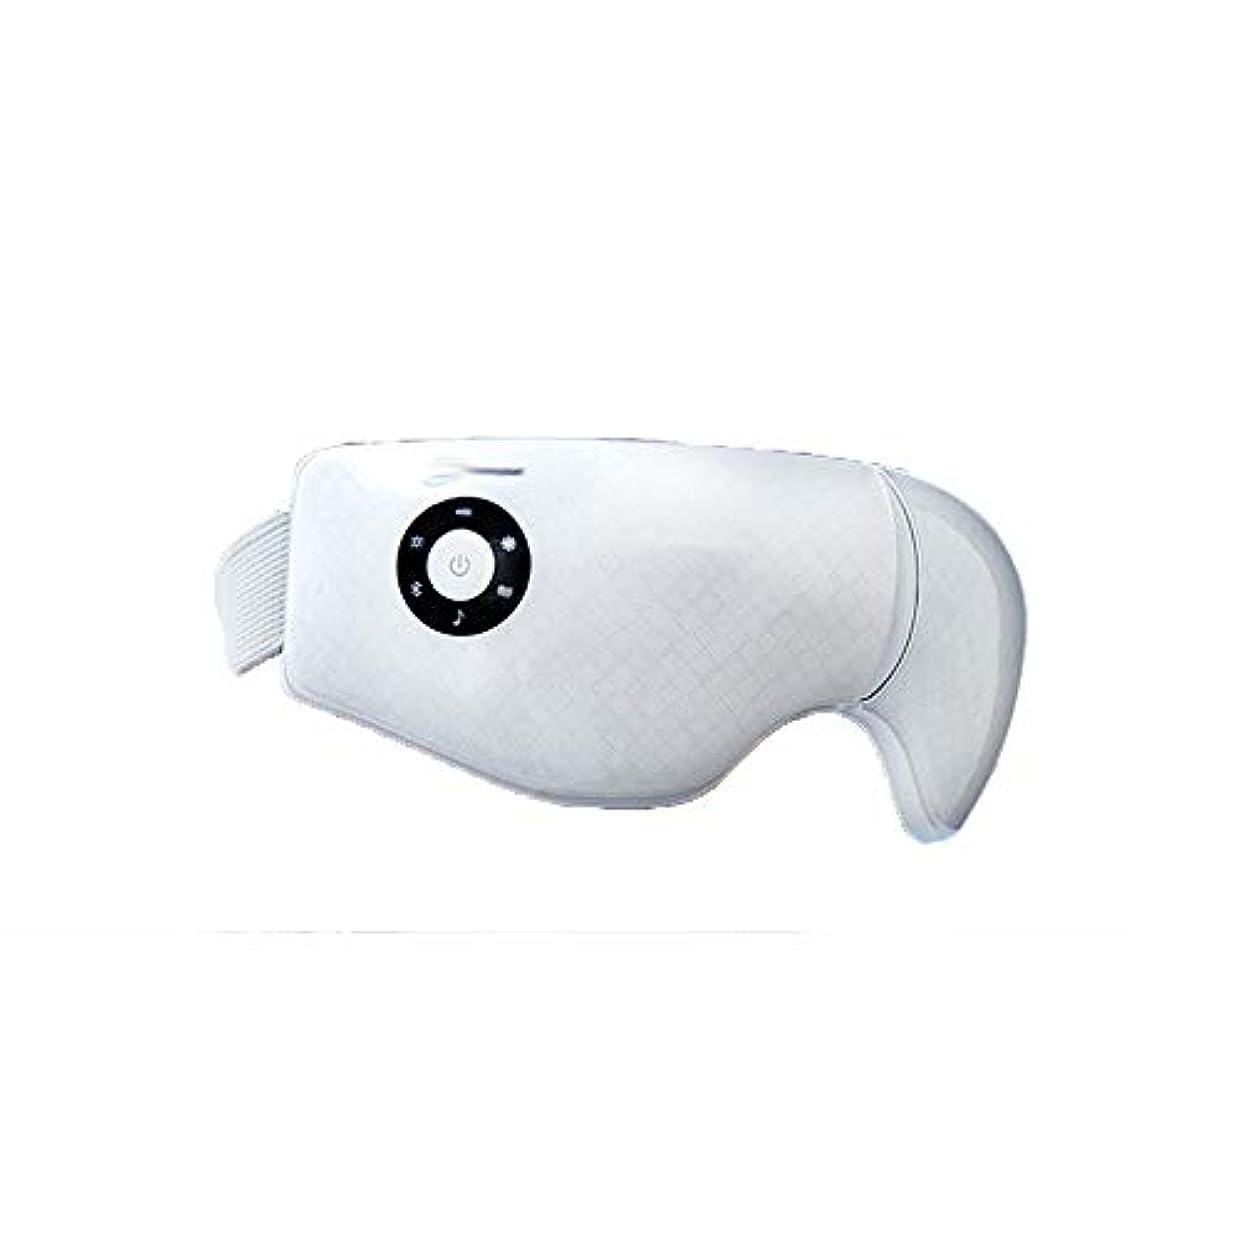 モンキー販売計画ハイランドマッサージャー - マッサージャーは、黒丸を回復するために近視をホット圧縮します (Color : White)